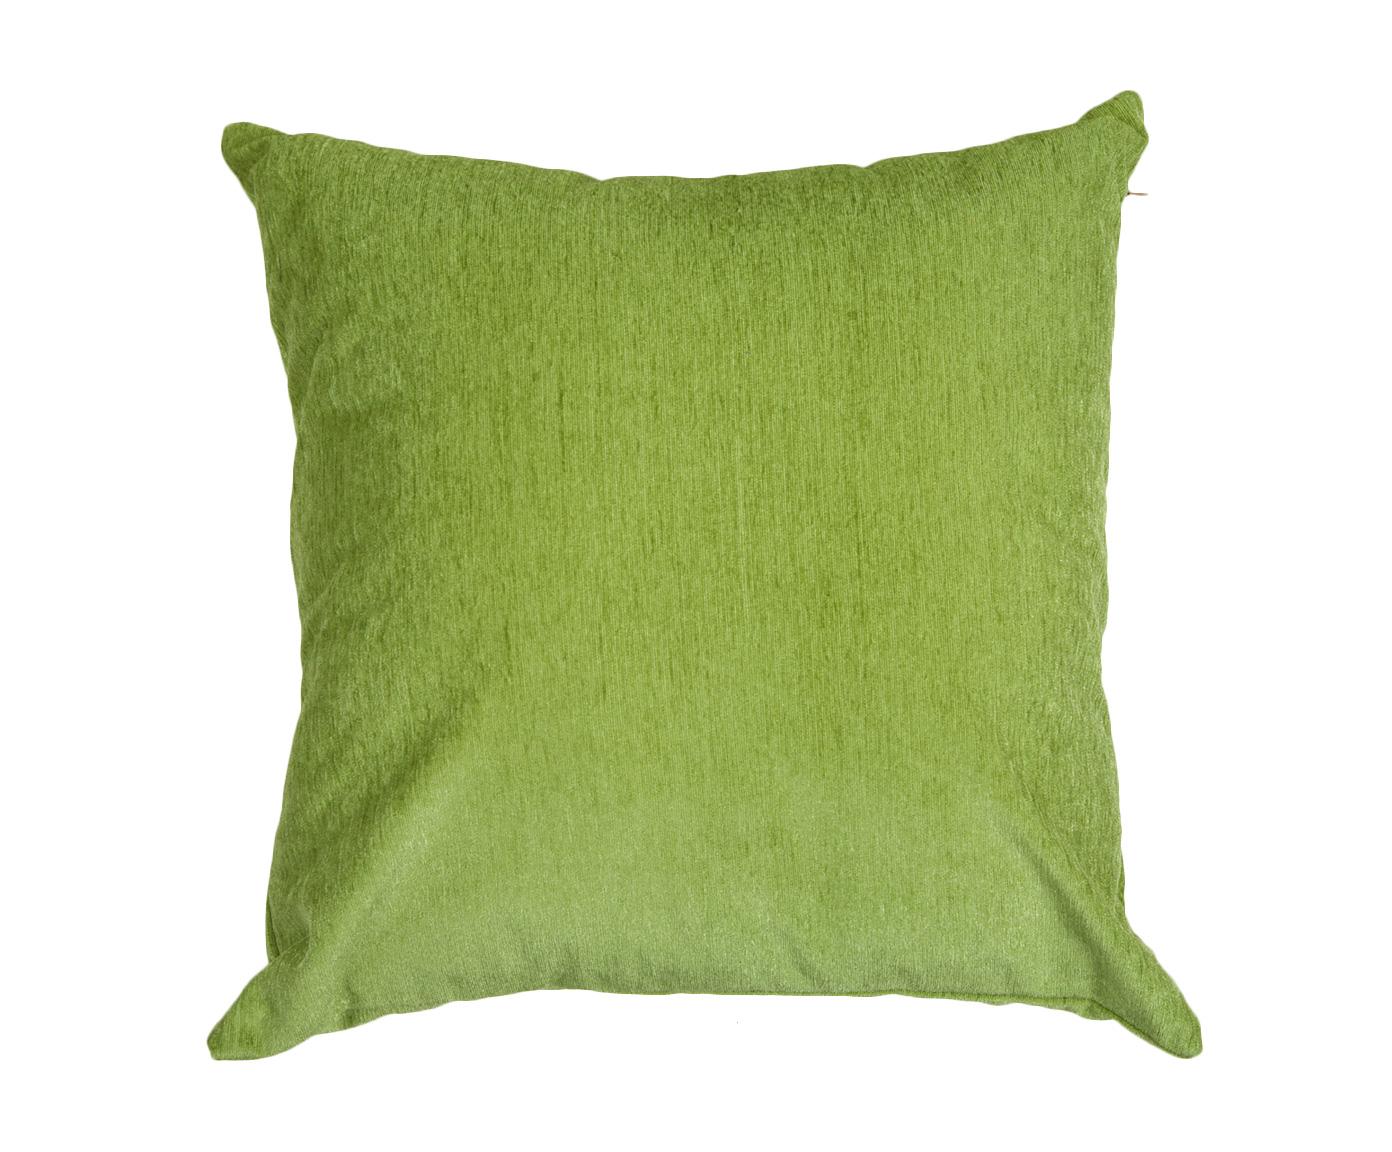 Подушка SoftКвадратные подушки и наволочки<br>Декоративная  подушка .Чехол съемный.<br><br>Material: Хлопок<br>Width см: 45<br>Depth см: 15<br>Height см: 45